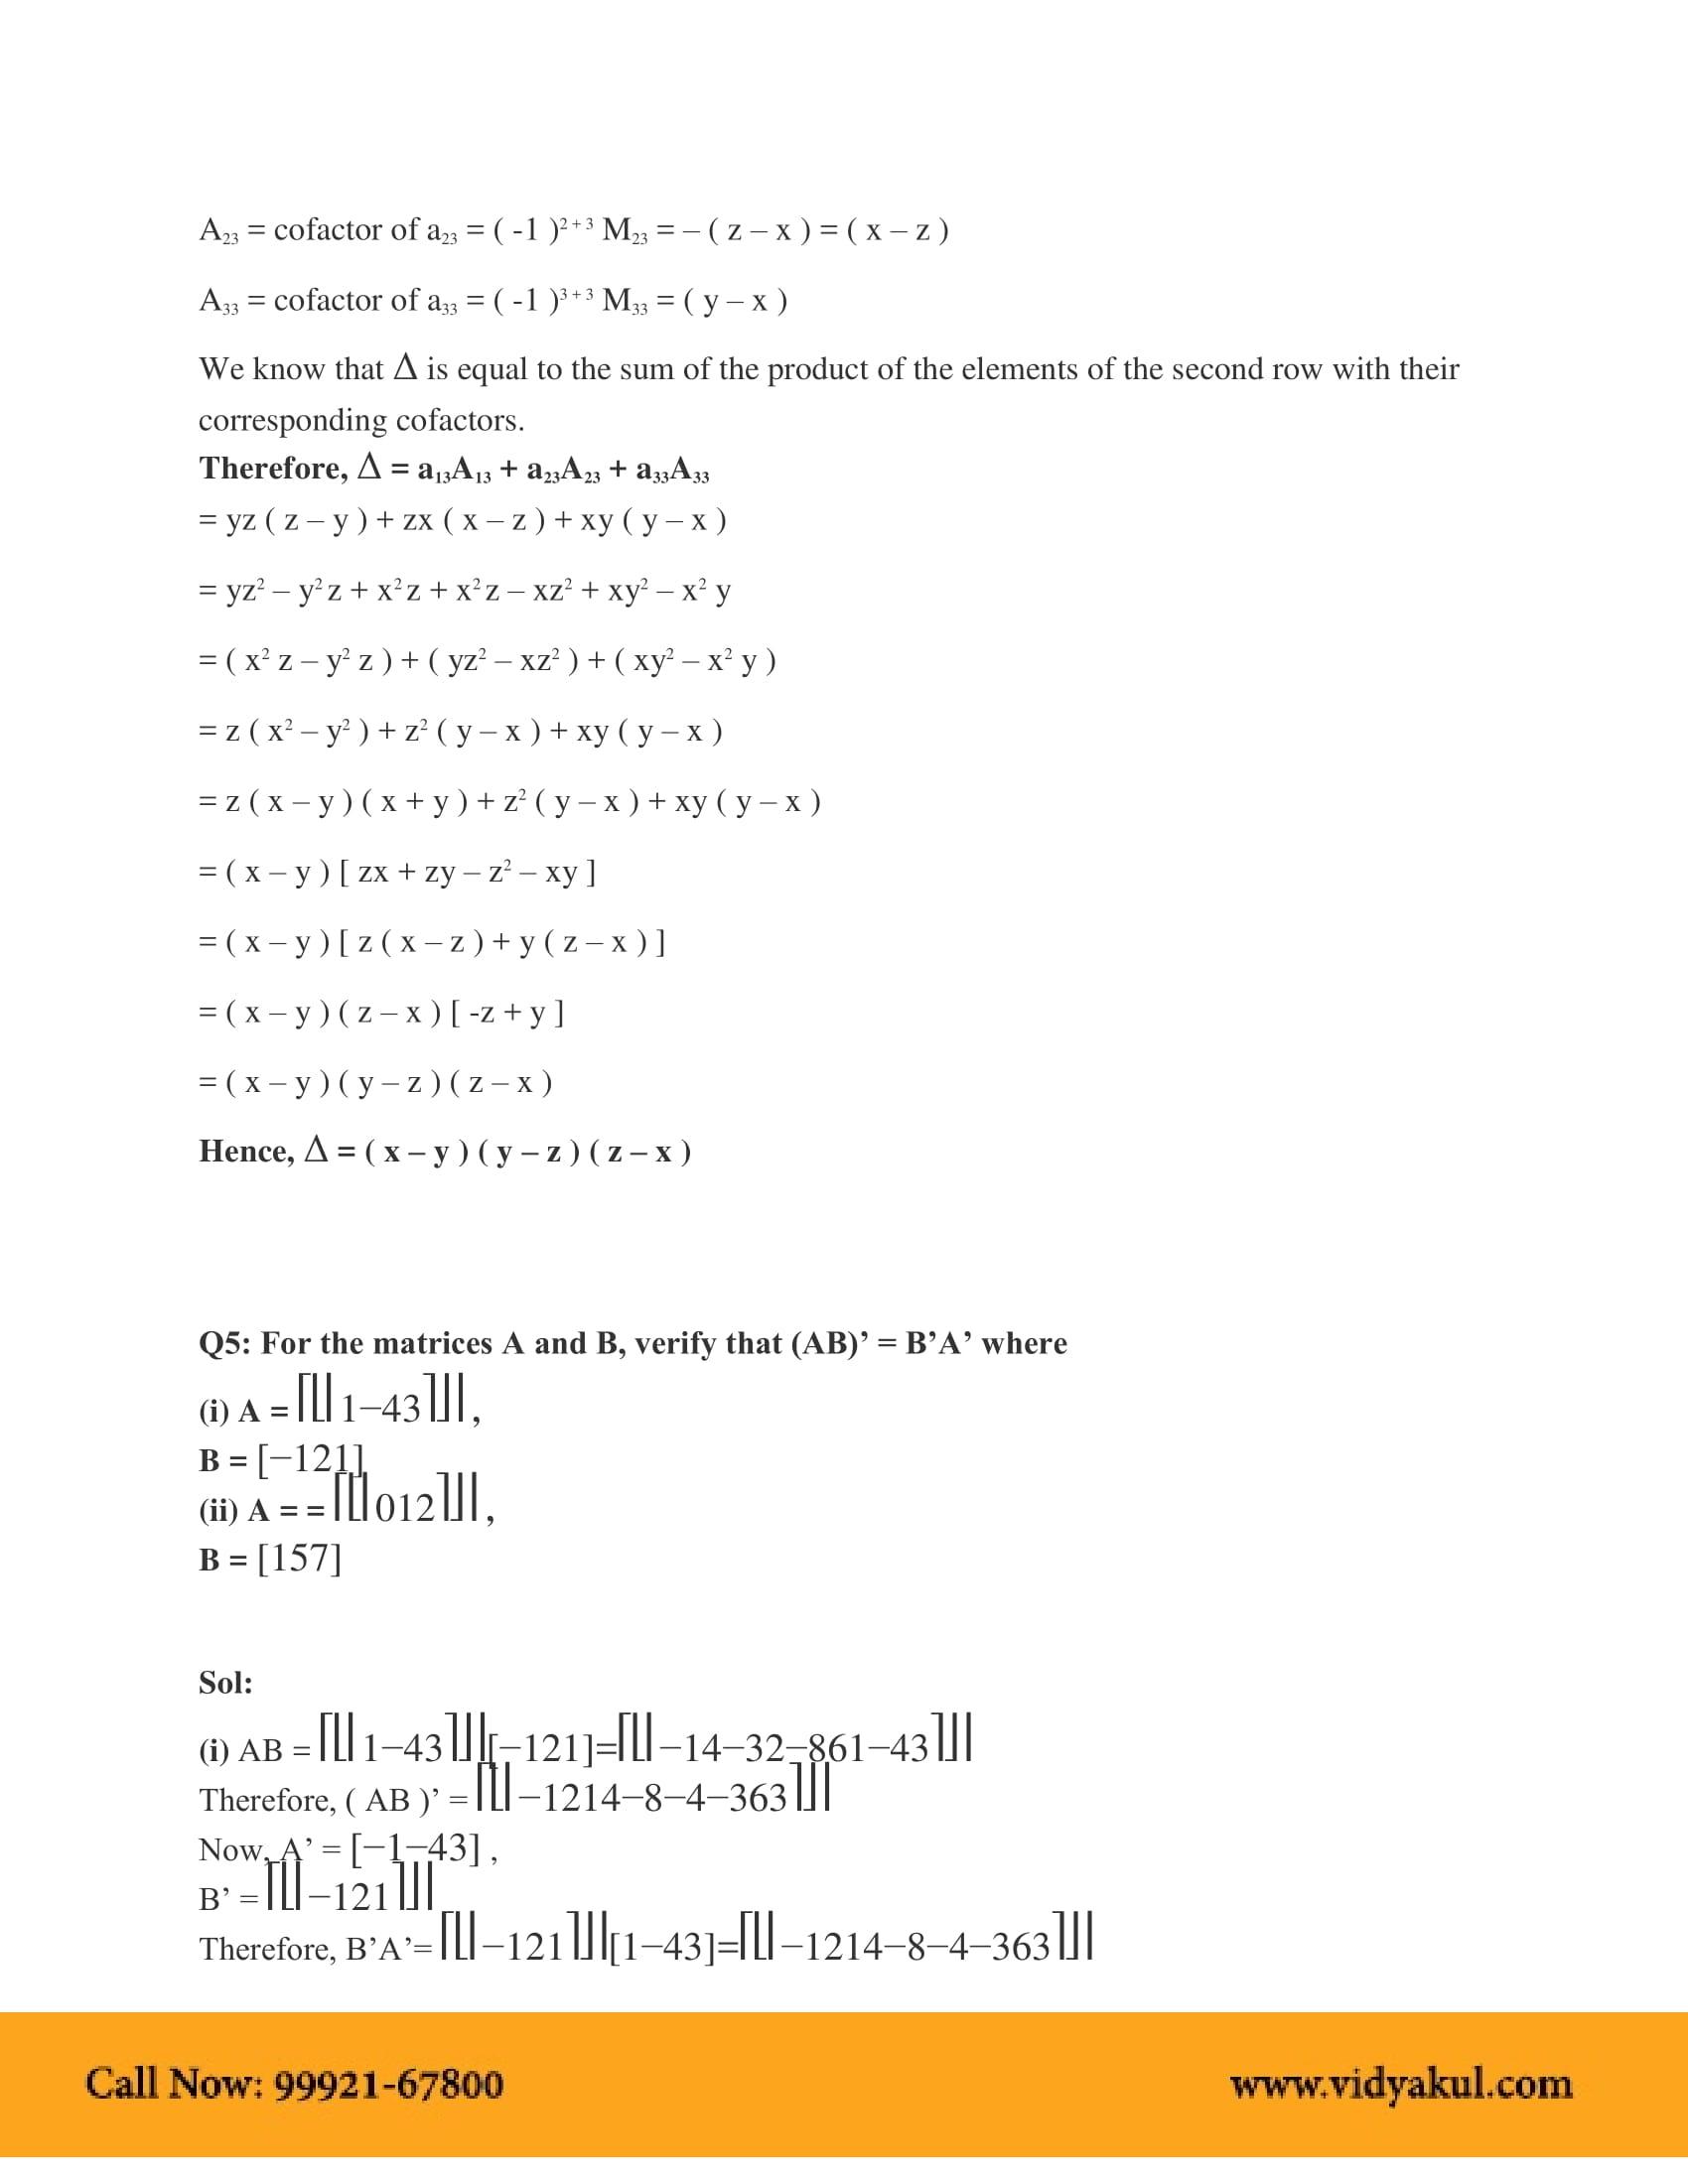 NCERT Solutions for Class 12 Maths Chapter 4   Vidyakul